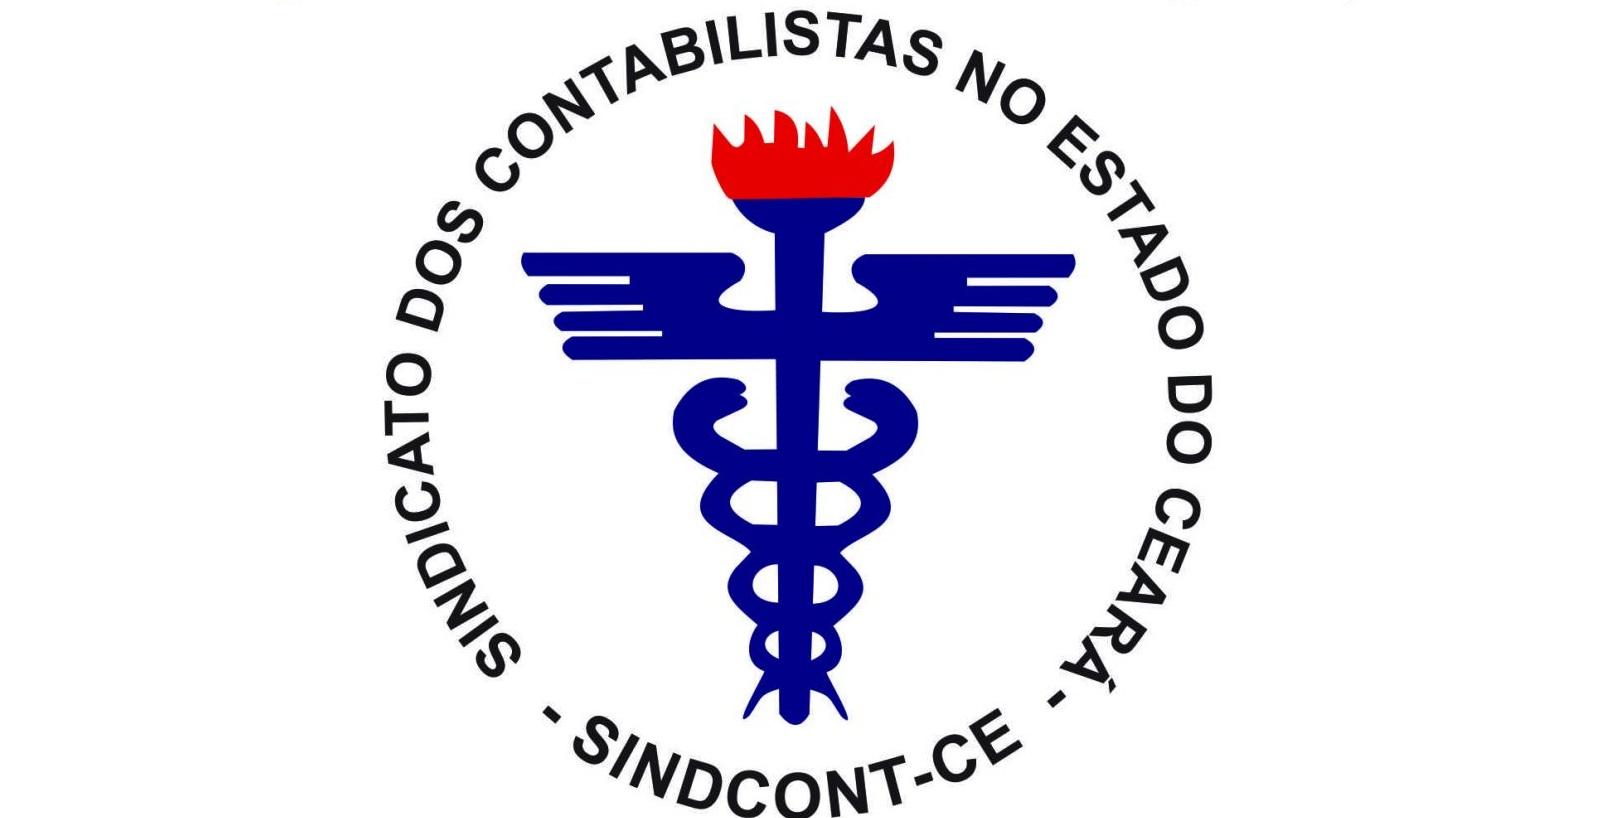 Sindicatos dos Contabilistas do Ceará comemora 87 anos